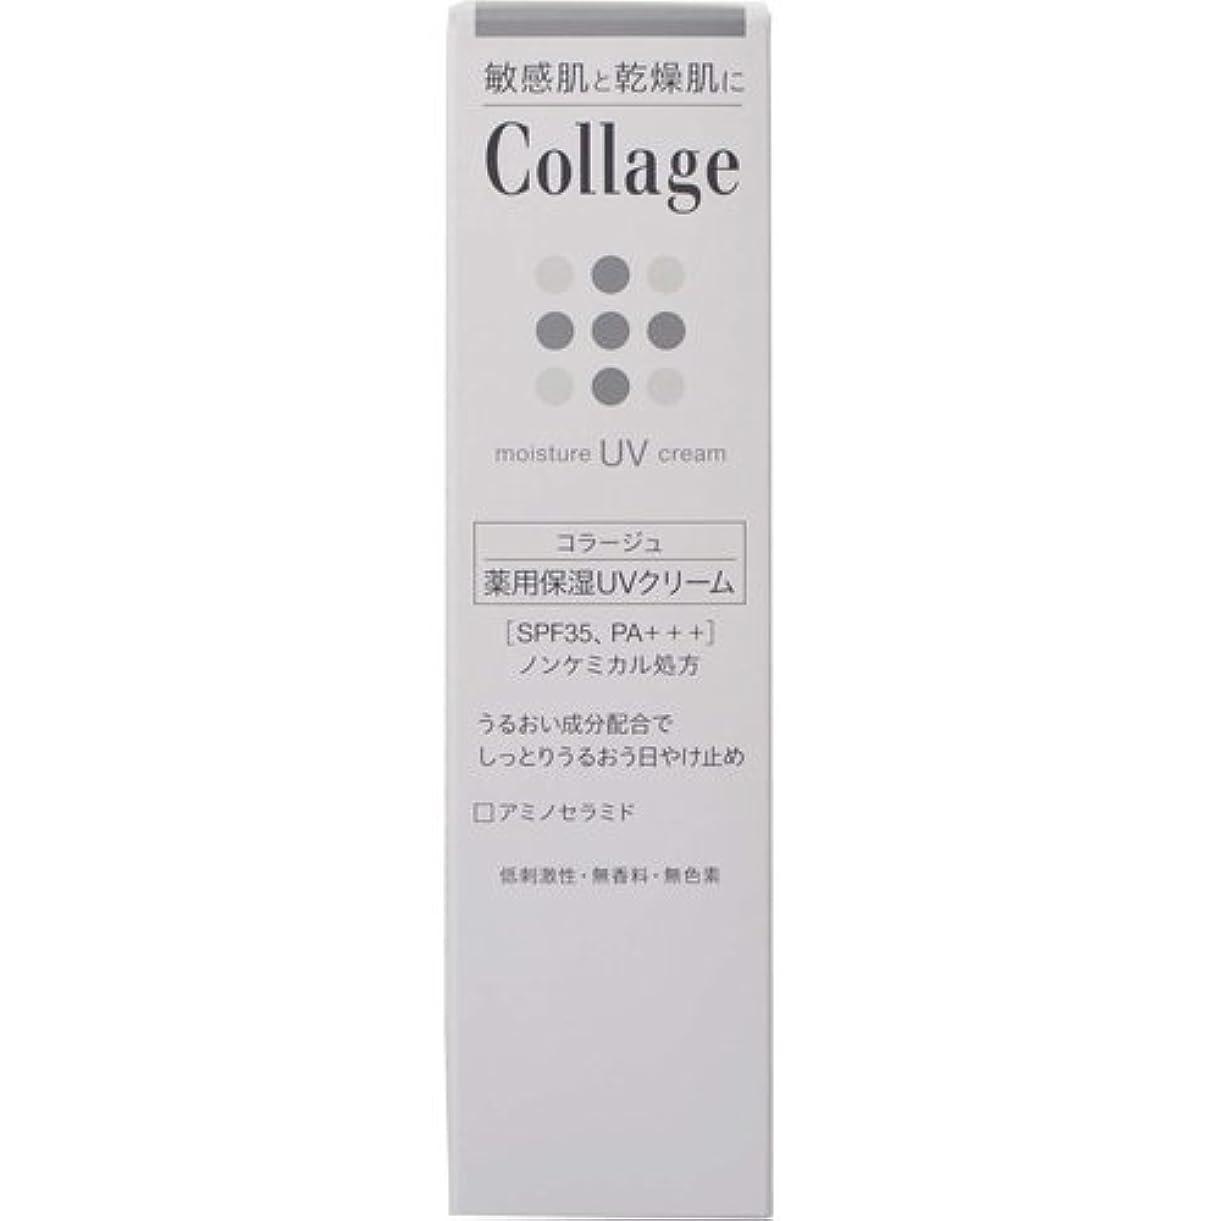 学校くすぐったいとしてコラージュ 薬用保湿UVクリーム 30g 【医薬部外品】